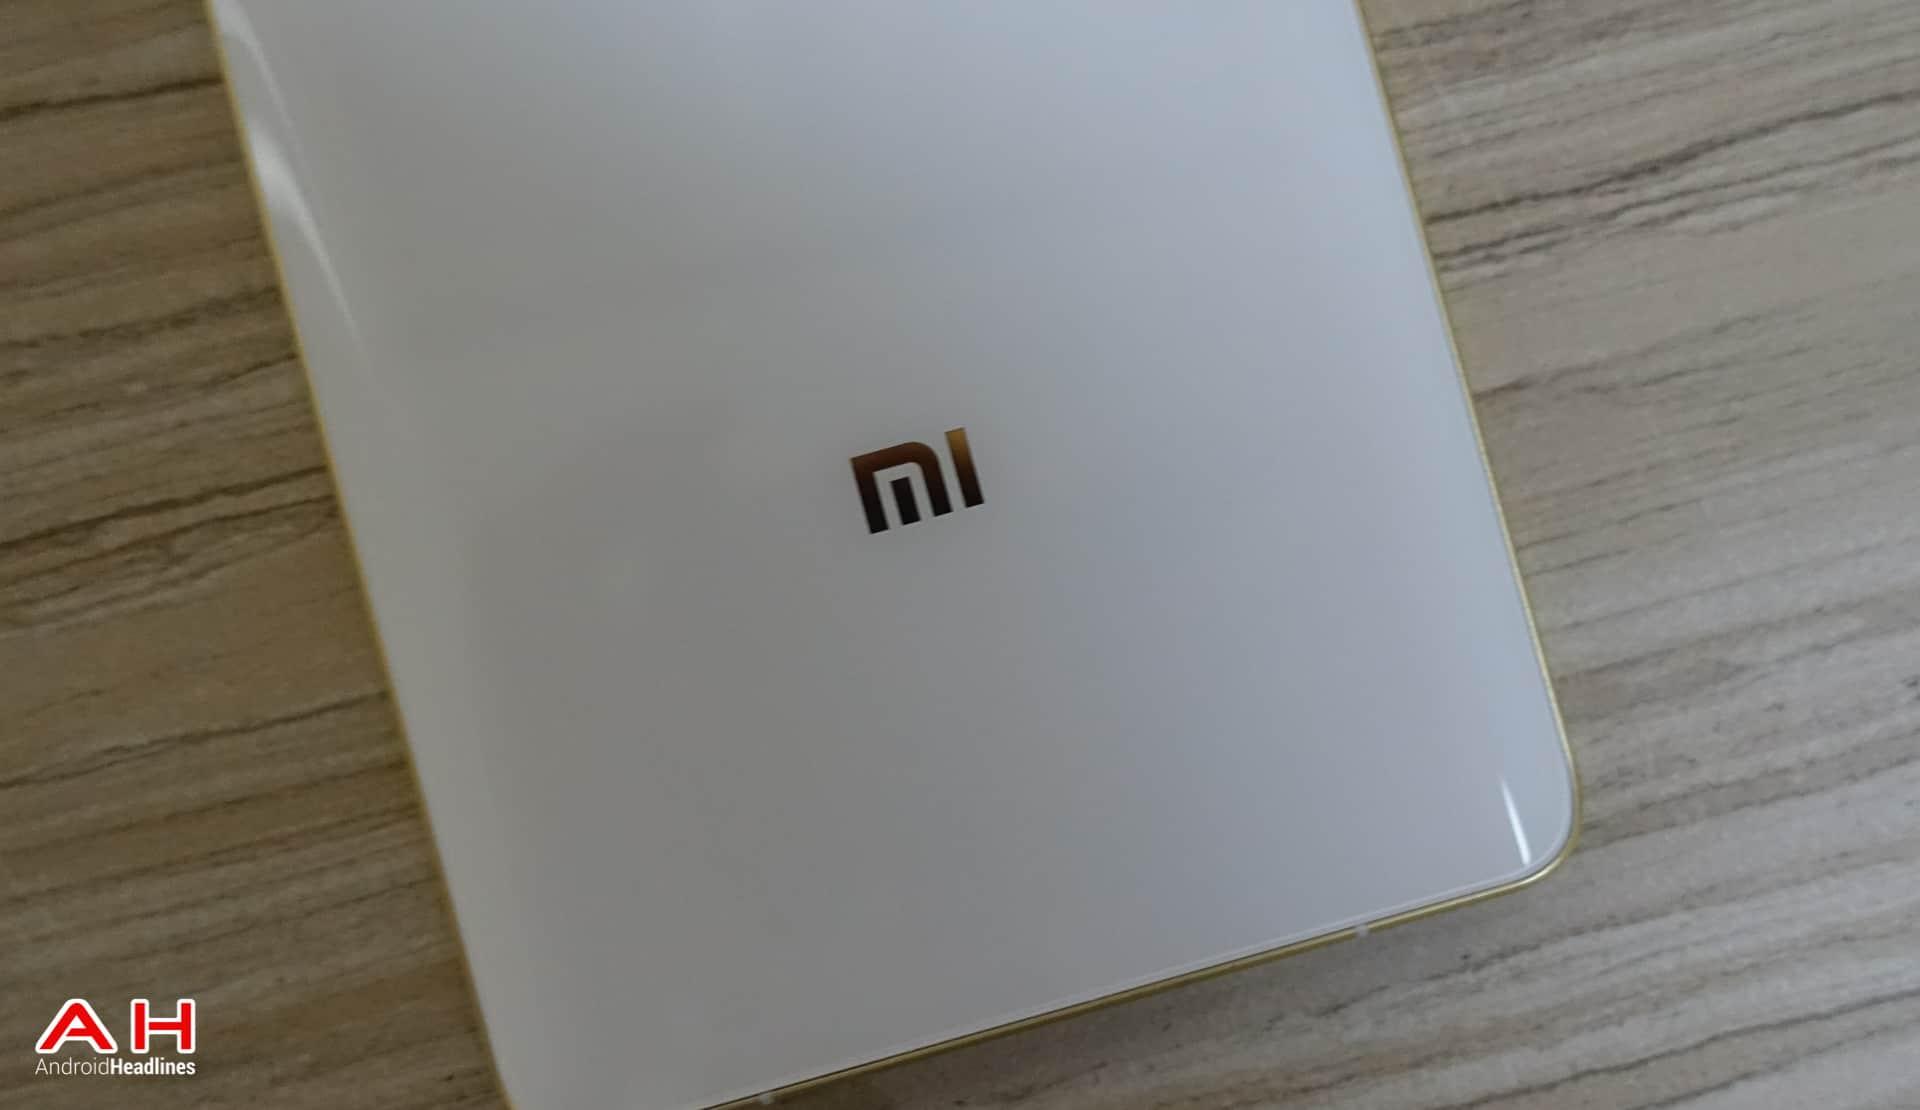 Xiaomi-Mi-Logo-AH-2